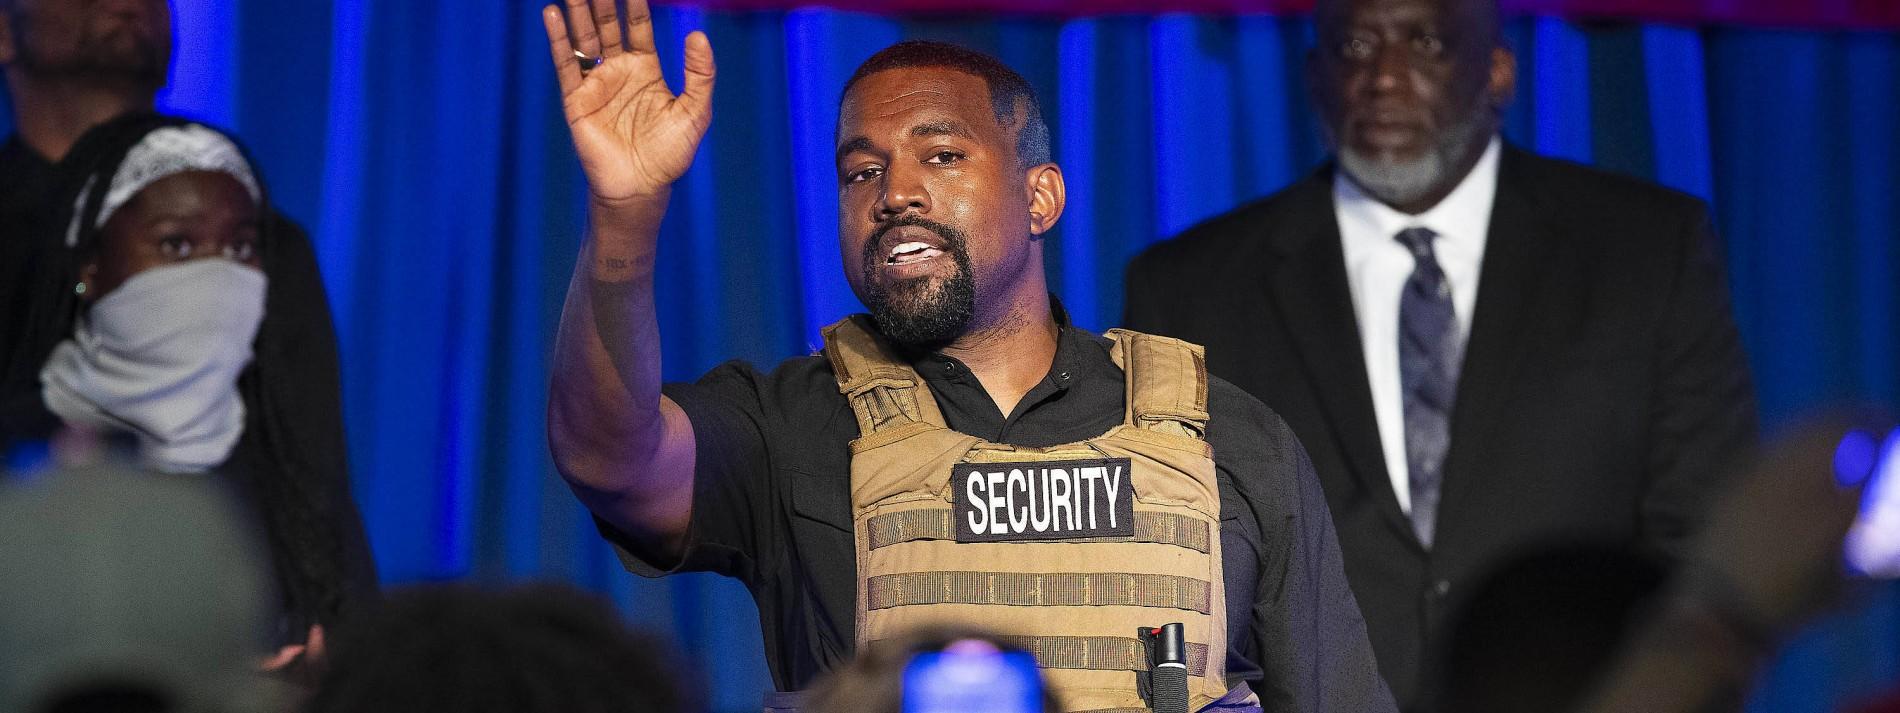 Der Rapper, der Biden schaden will